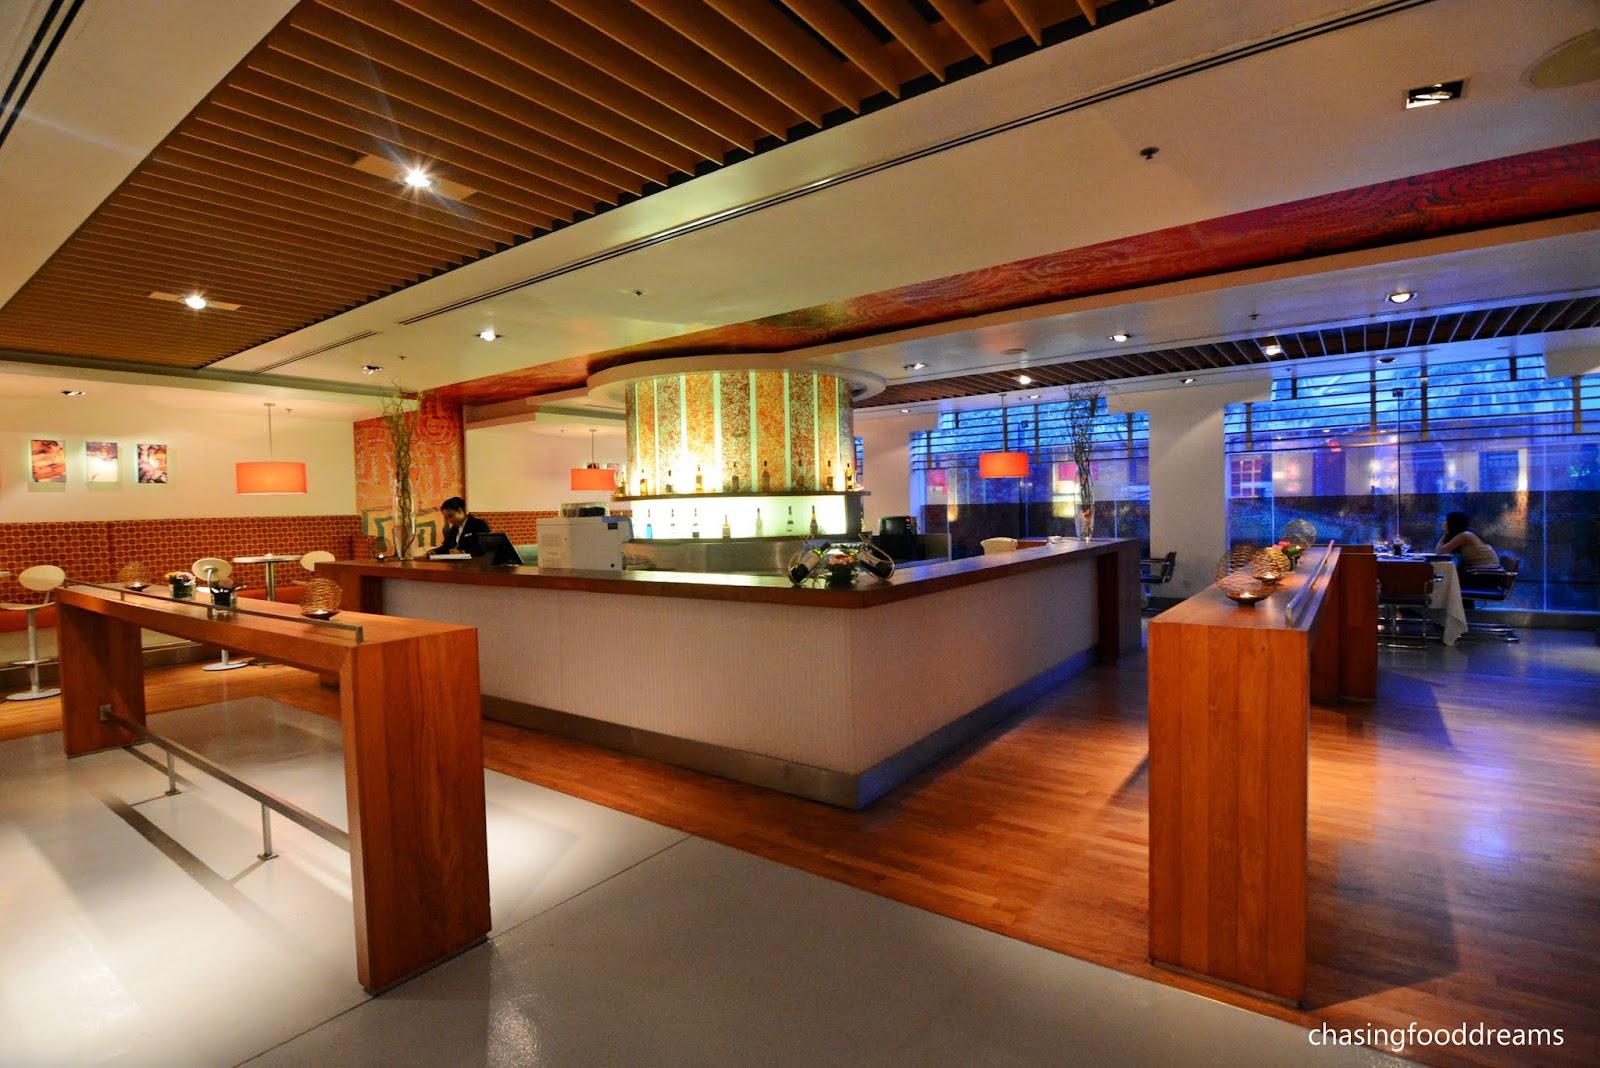 Hotel Istana Chasing Food Dreams Urban Hotel Istana Kuala Lumpur